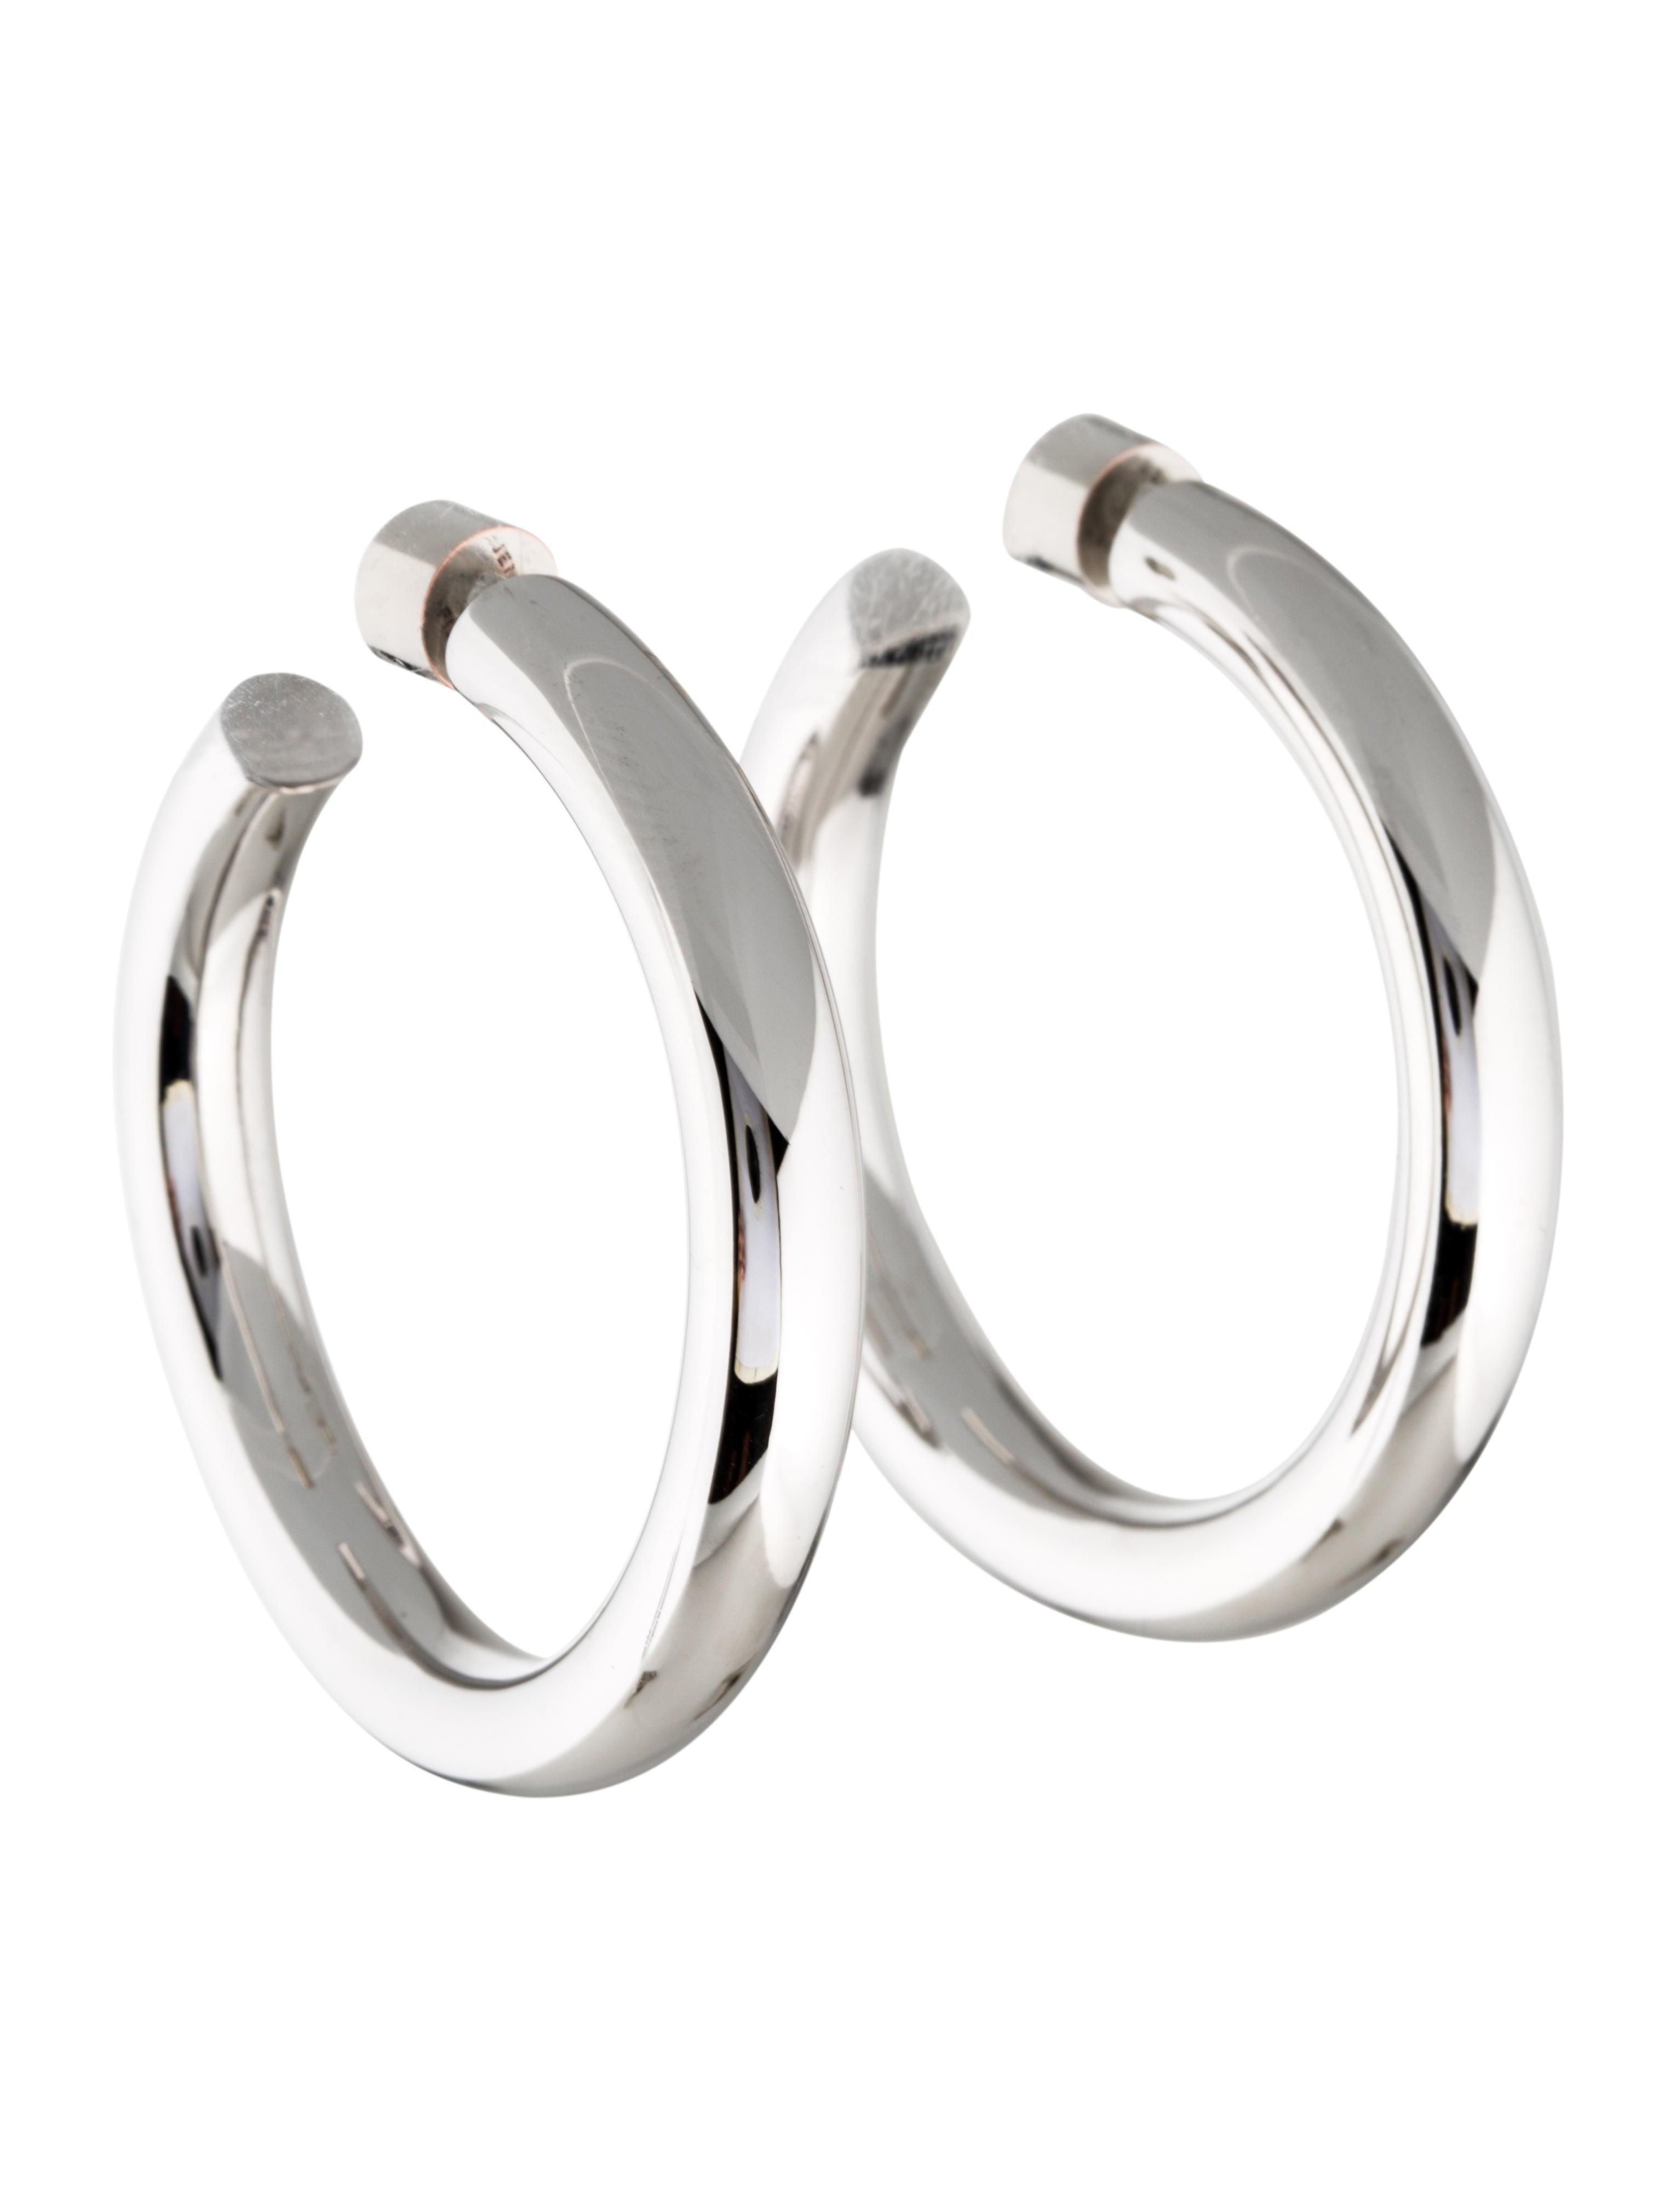 233a519a6 Jennifer Fisher Baby Samira Hoop Earrings - Earrings - WJR20667 ...